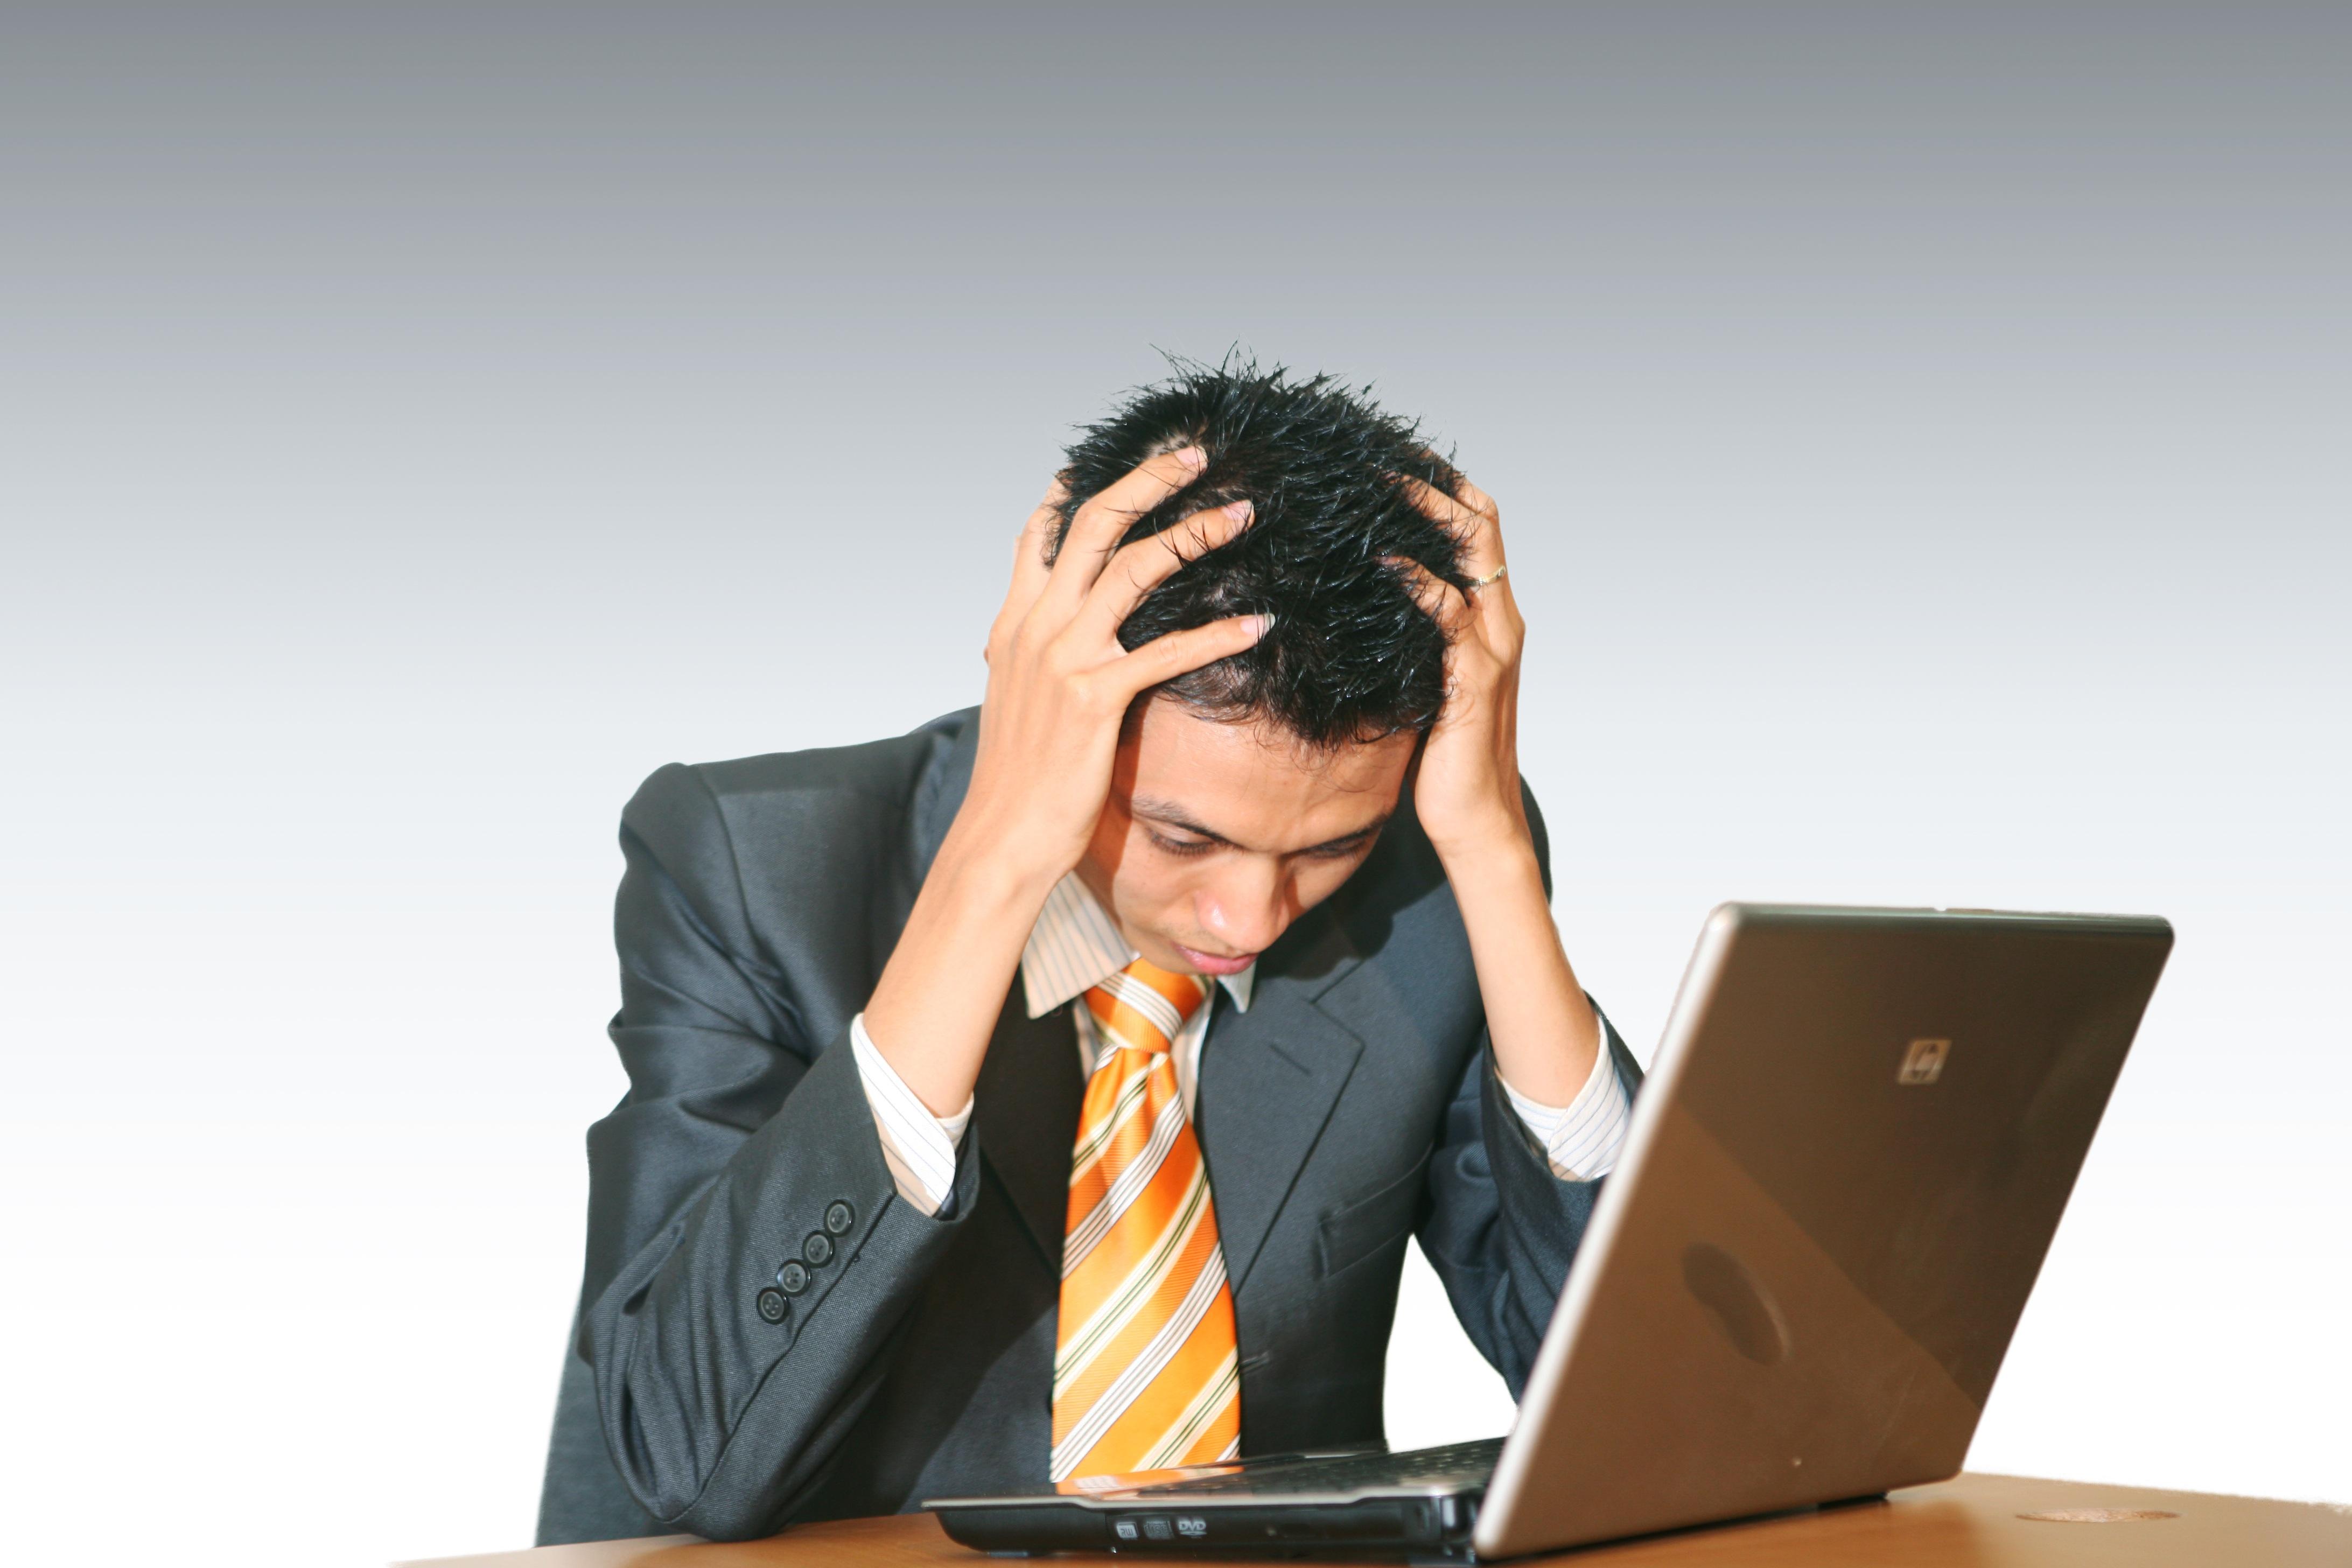 Nhiều khó khăn và thử thách đang đợi các doanh nghiệp ở phía trước